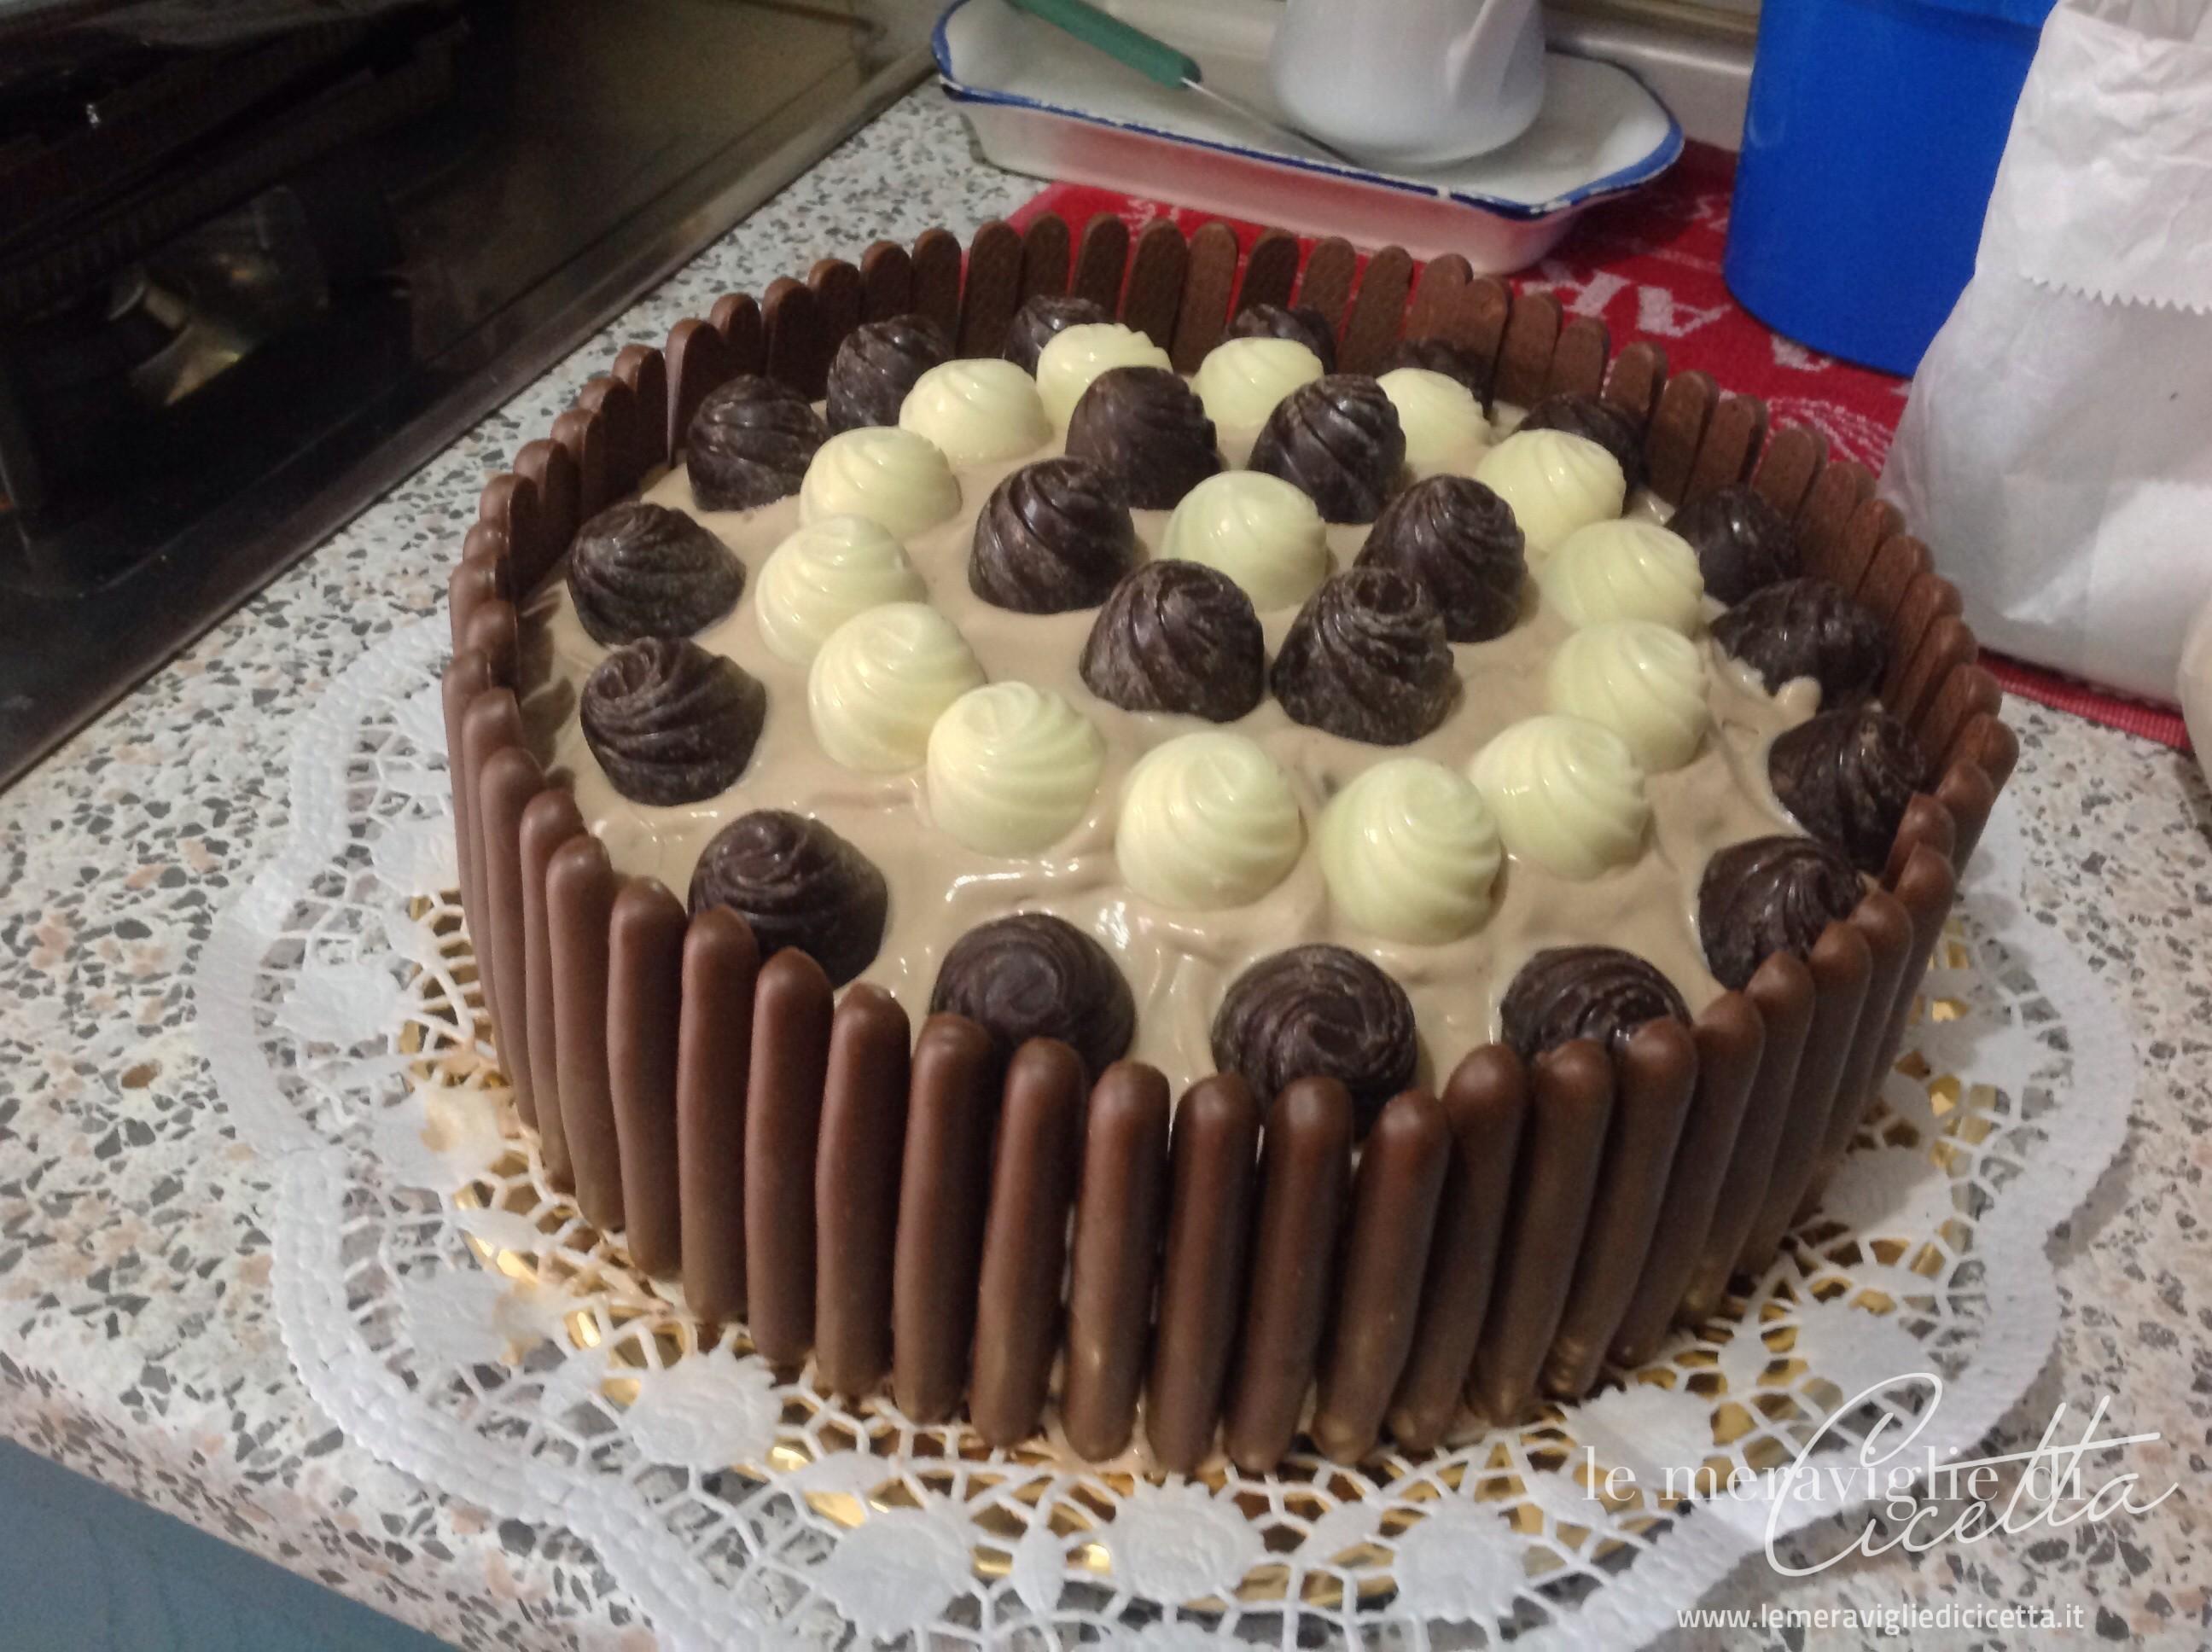 Conosciuto Torta al cioccolato bis - Le Meraviglie di CicettaLe Meraviglie di  WV19